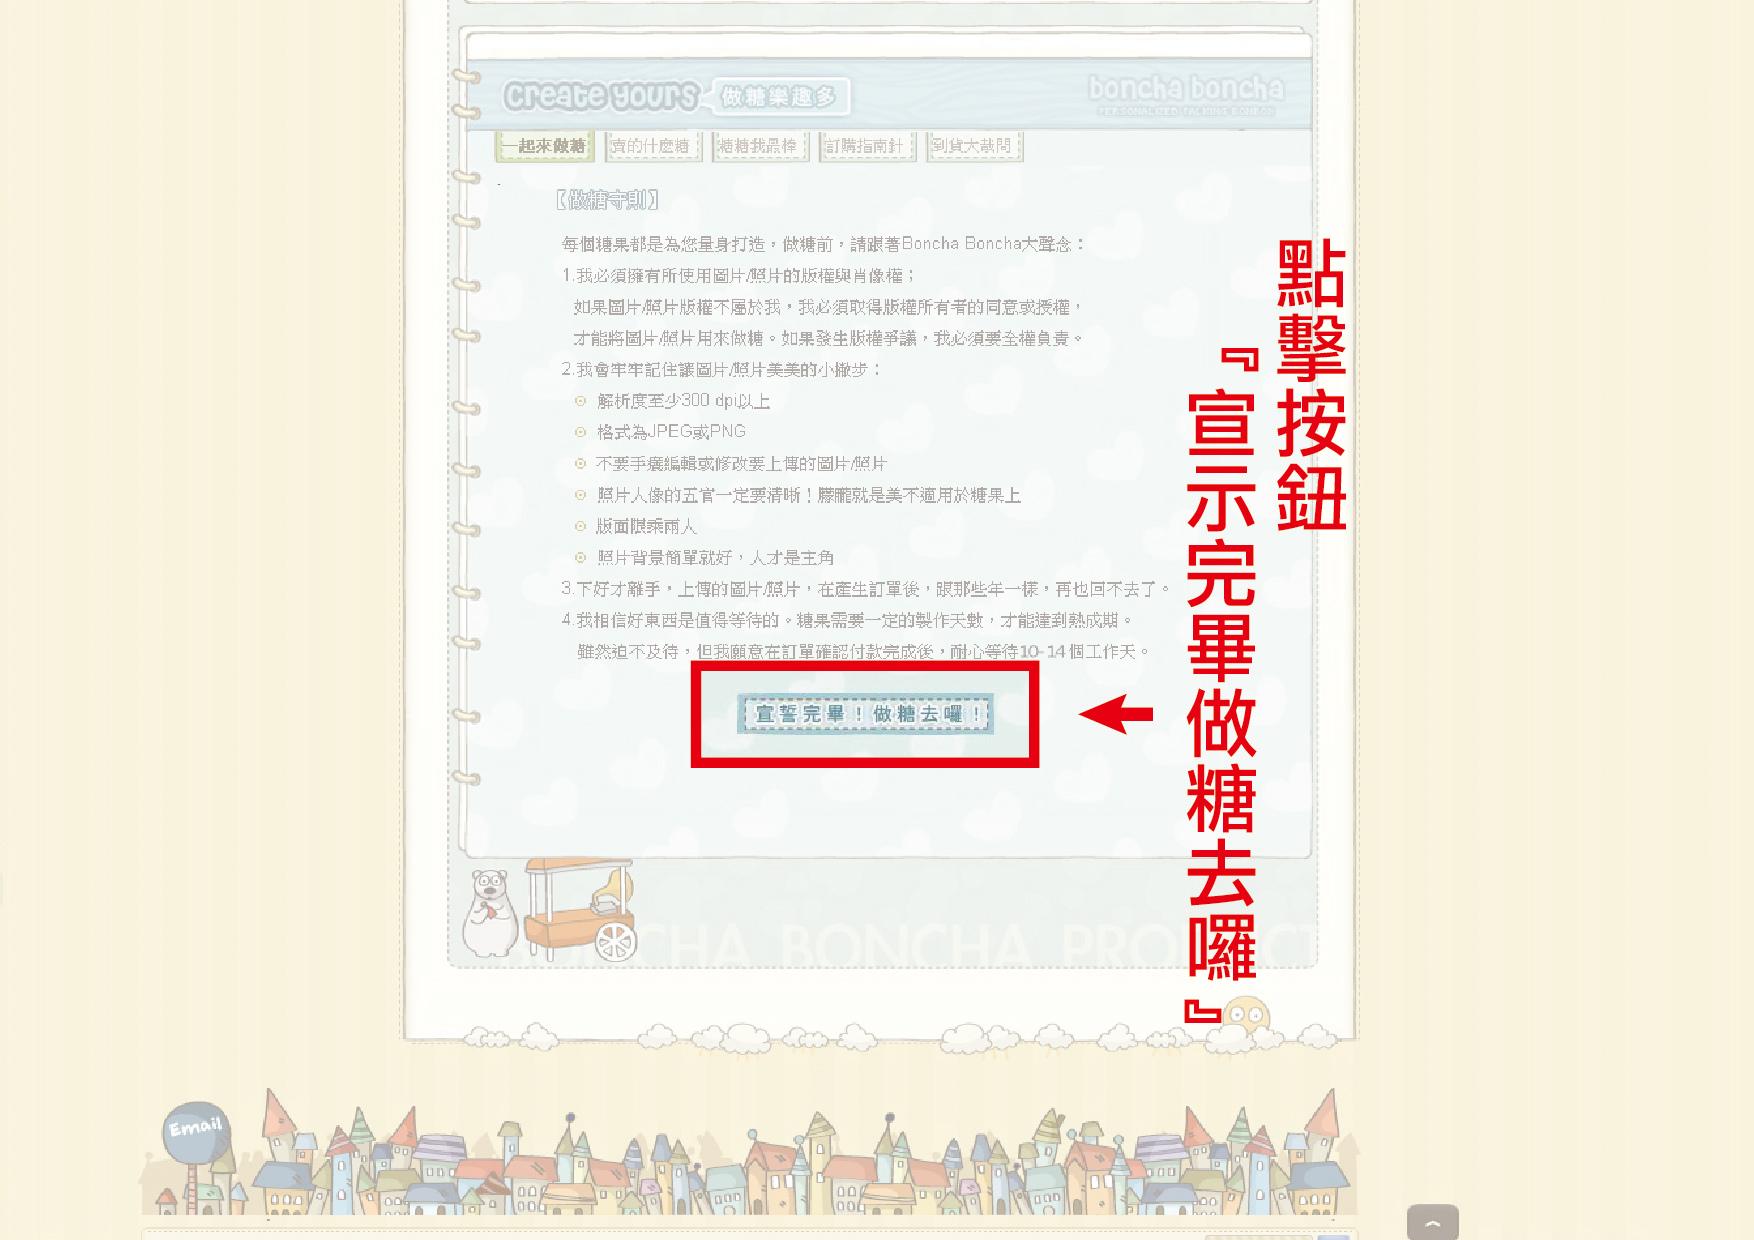 線上訂購指南-3.jpg